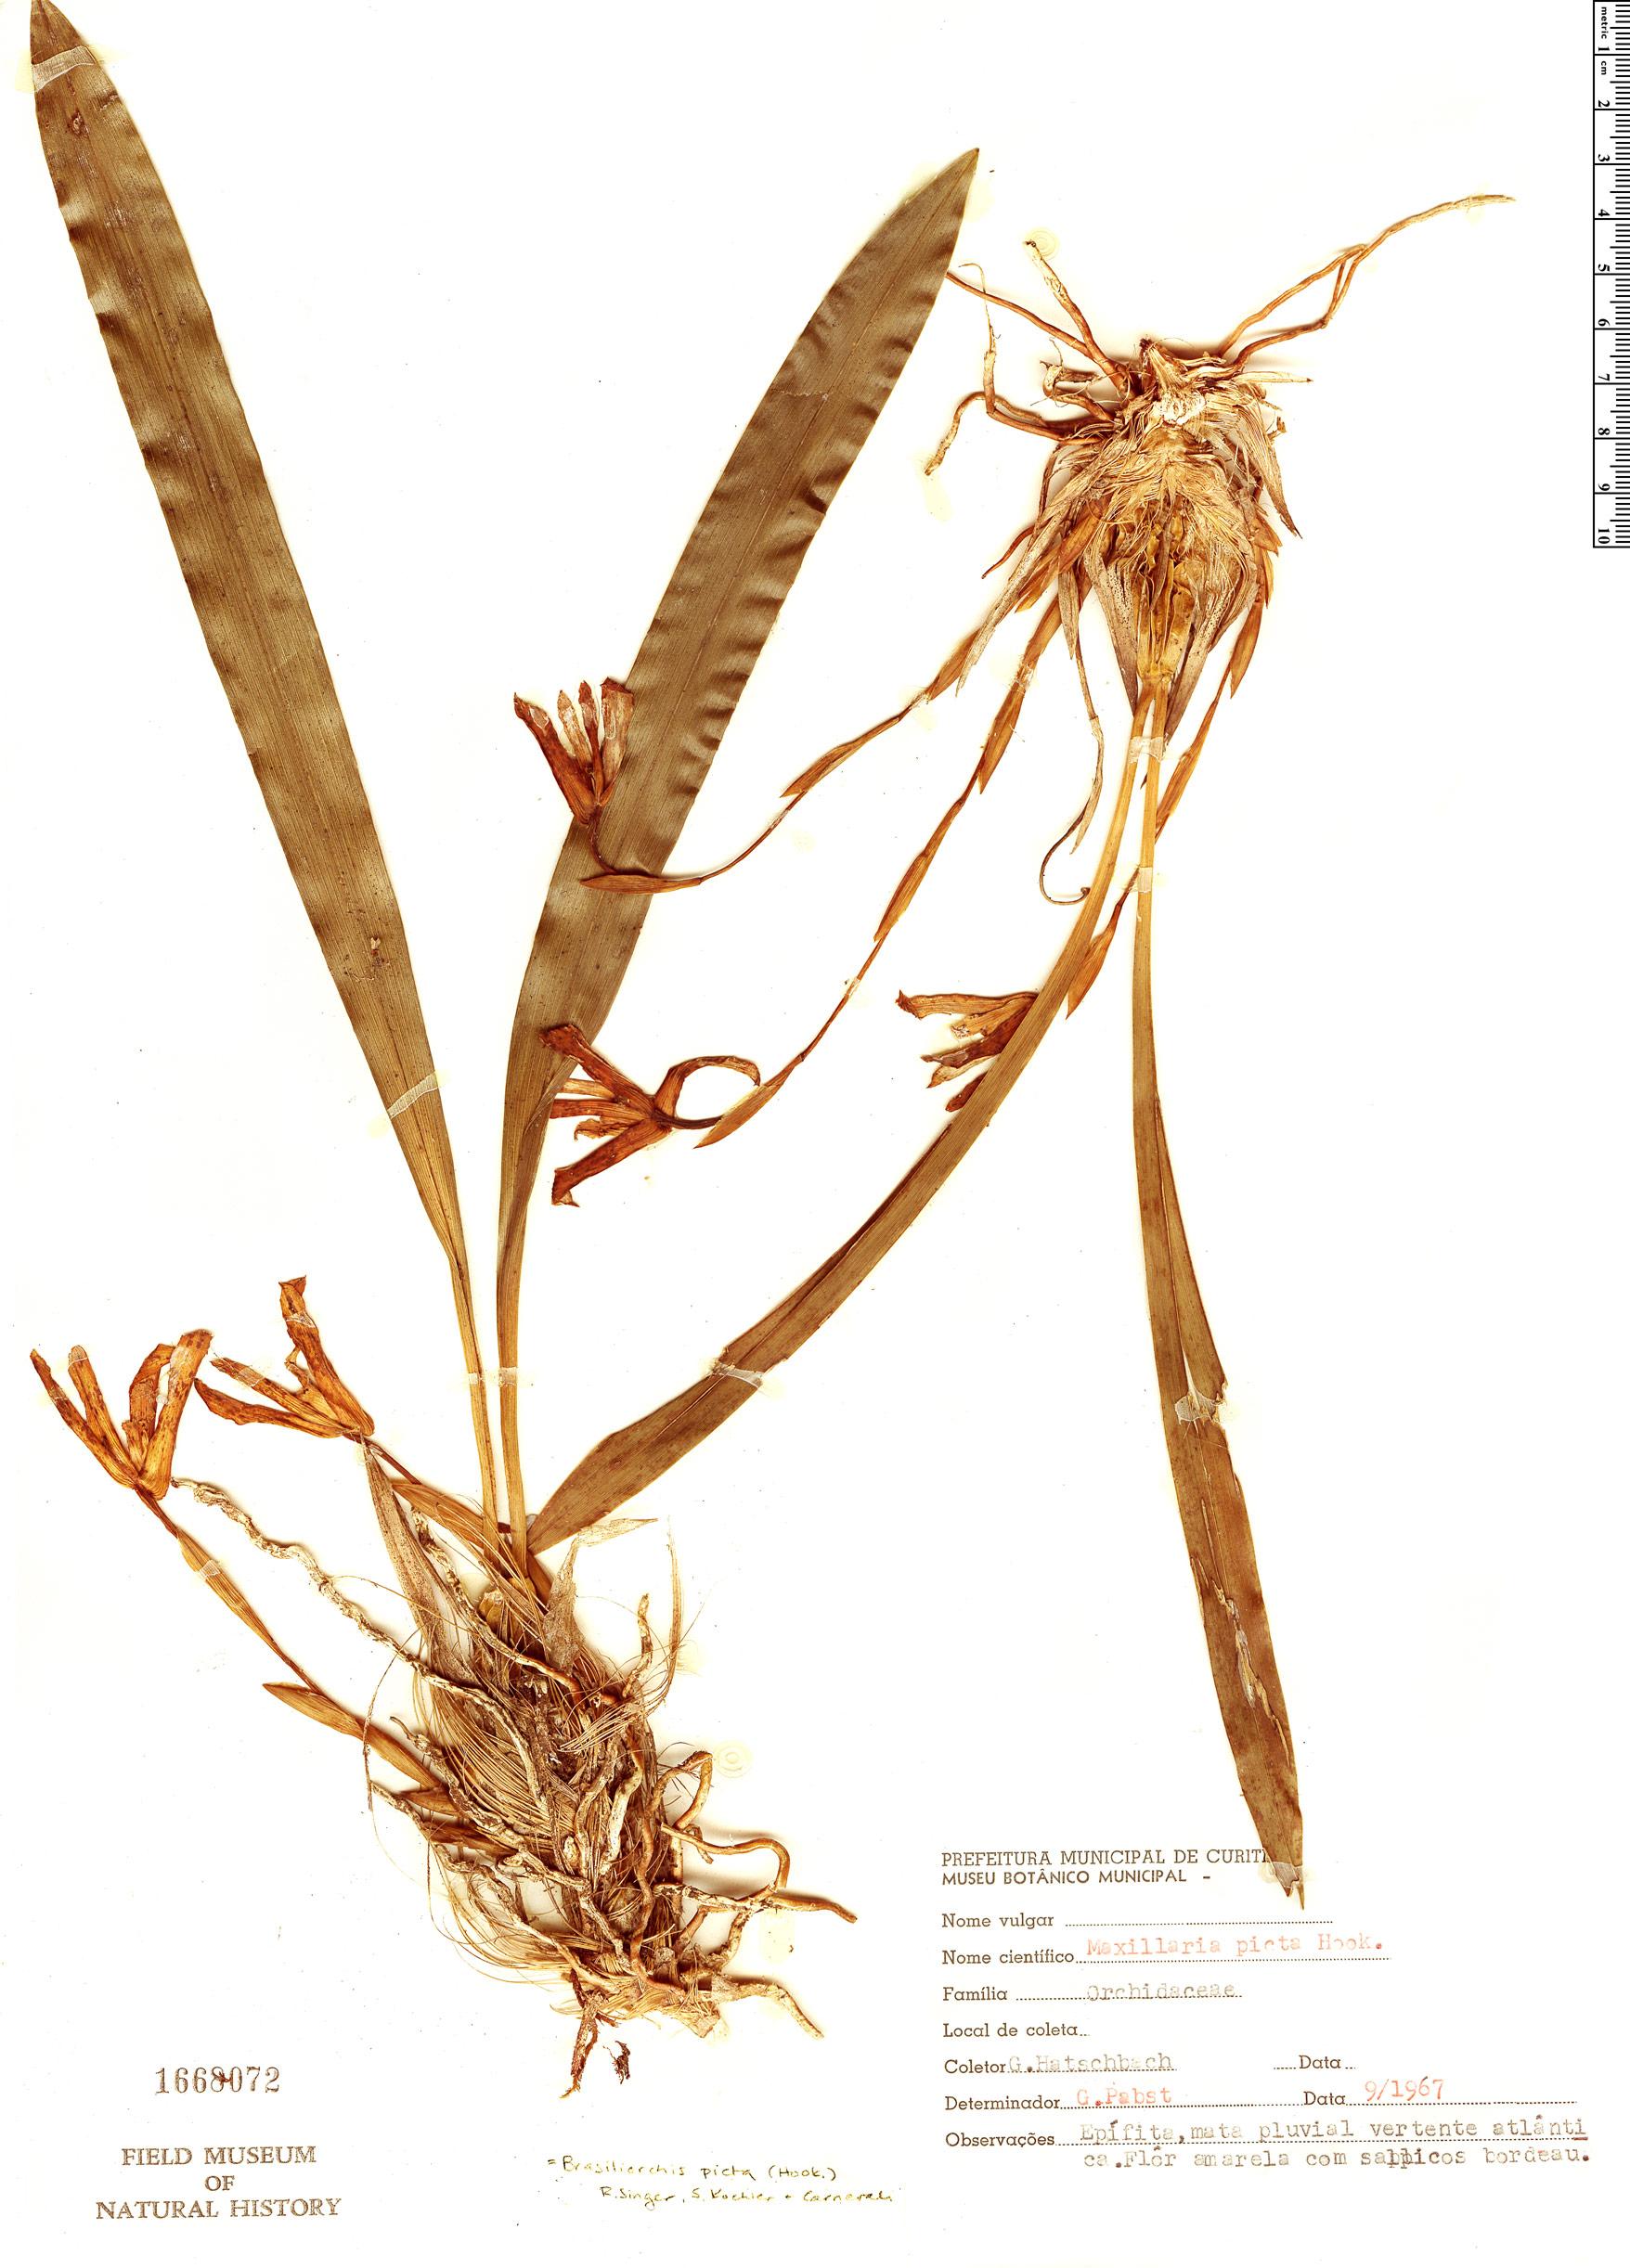 Specimen: Maxillaria picta